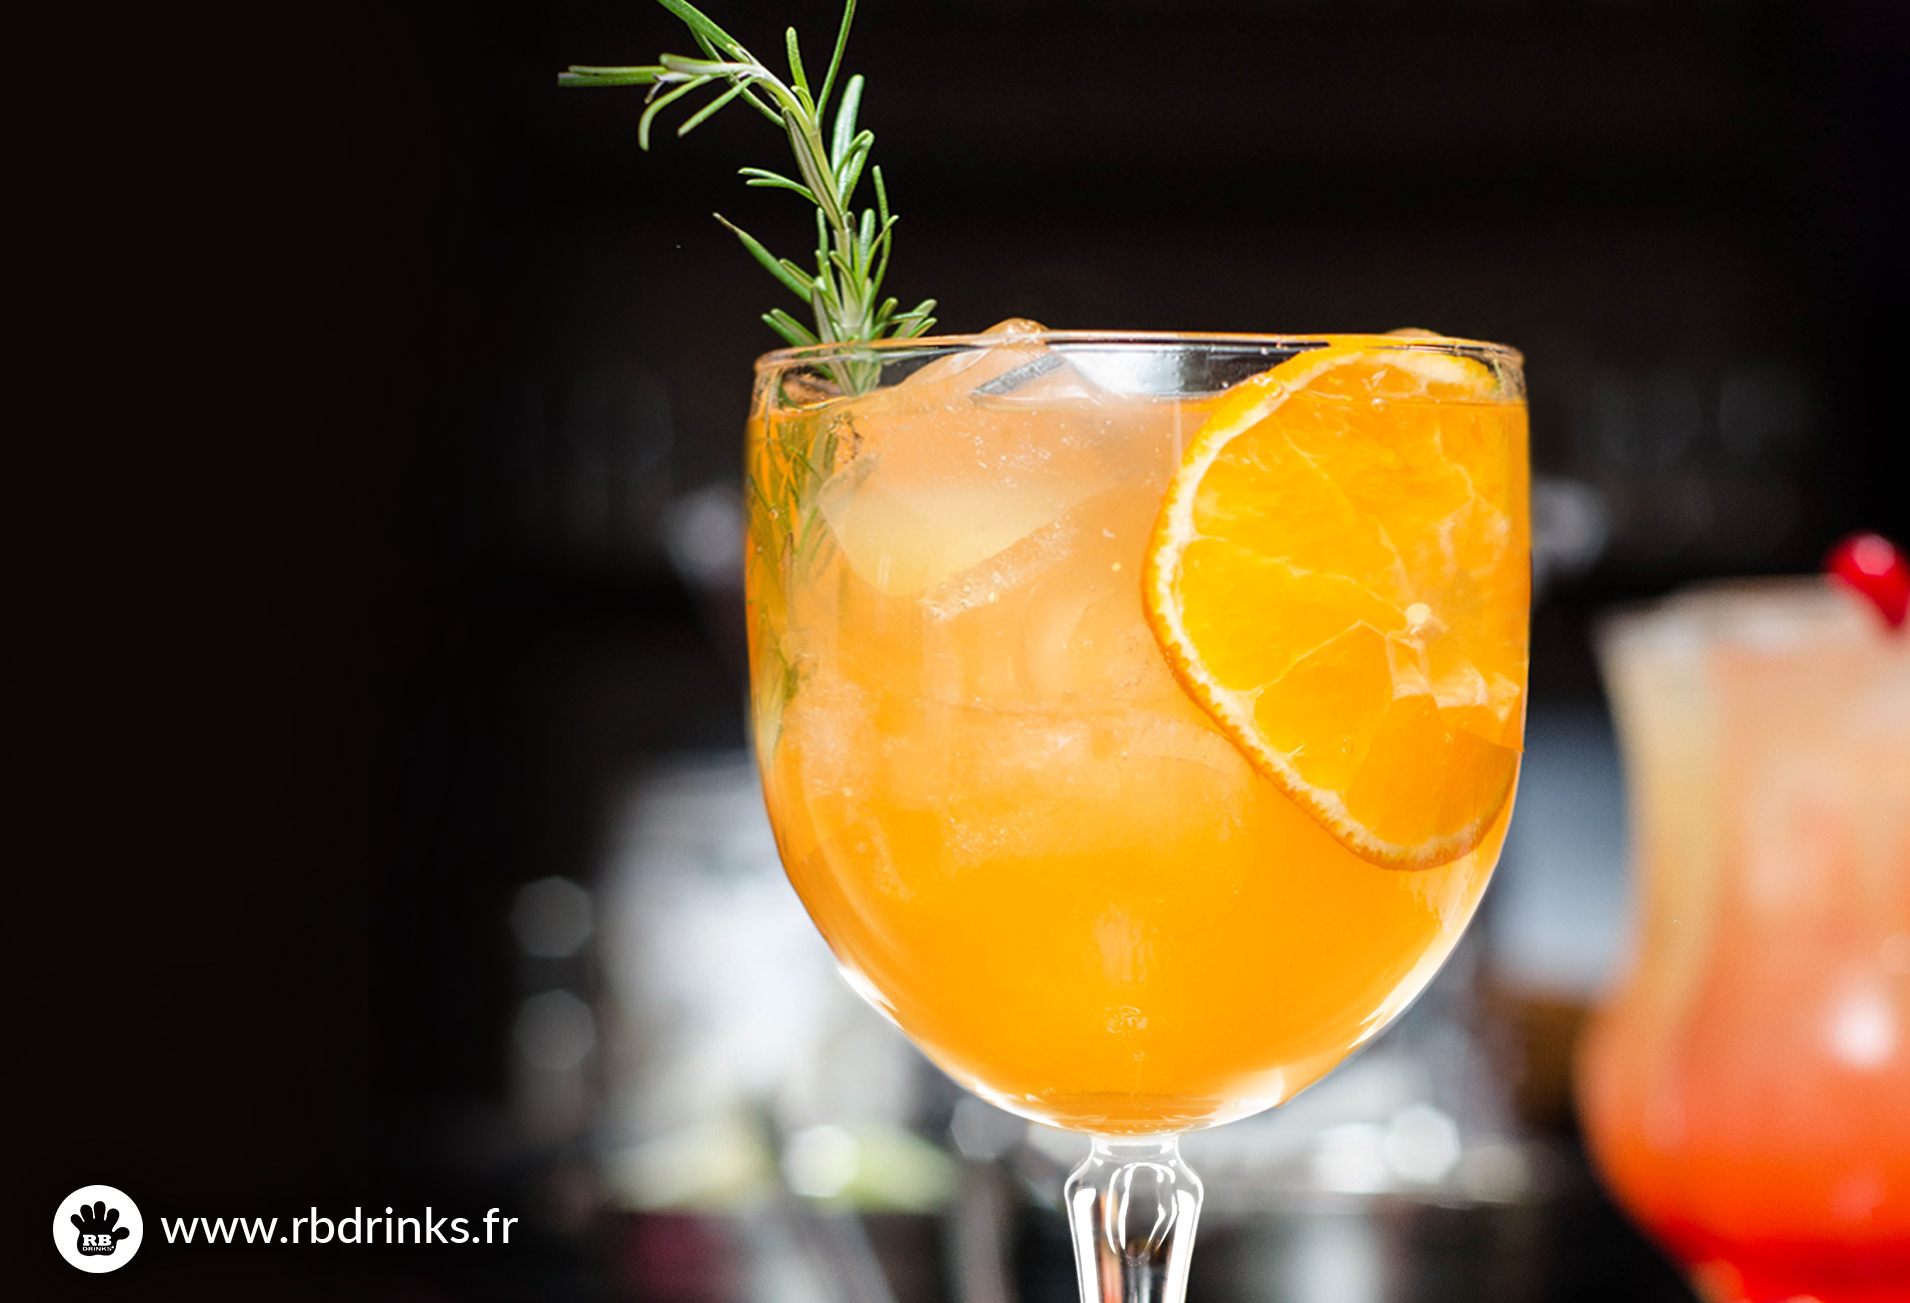 Les tendances cocktails de l'année 2018 | RBDRINKS®